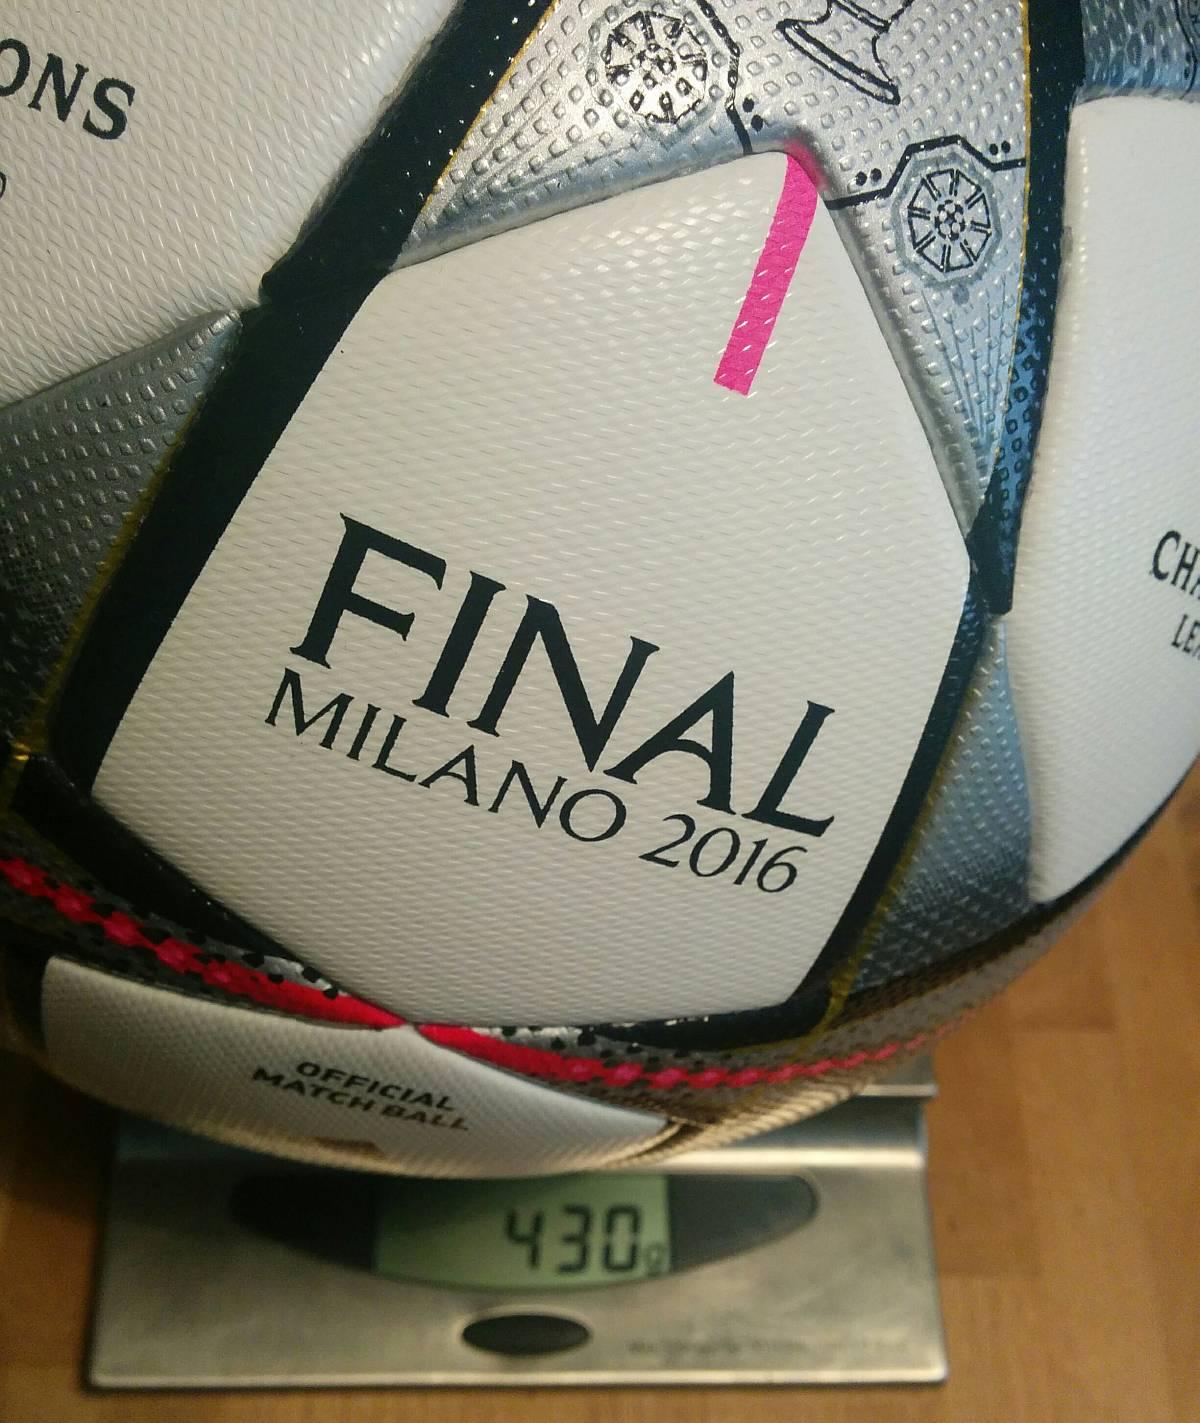 Adidas Finale 2016 Milano